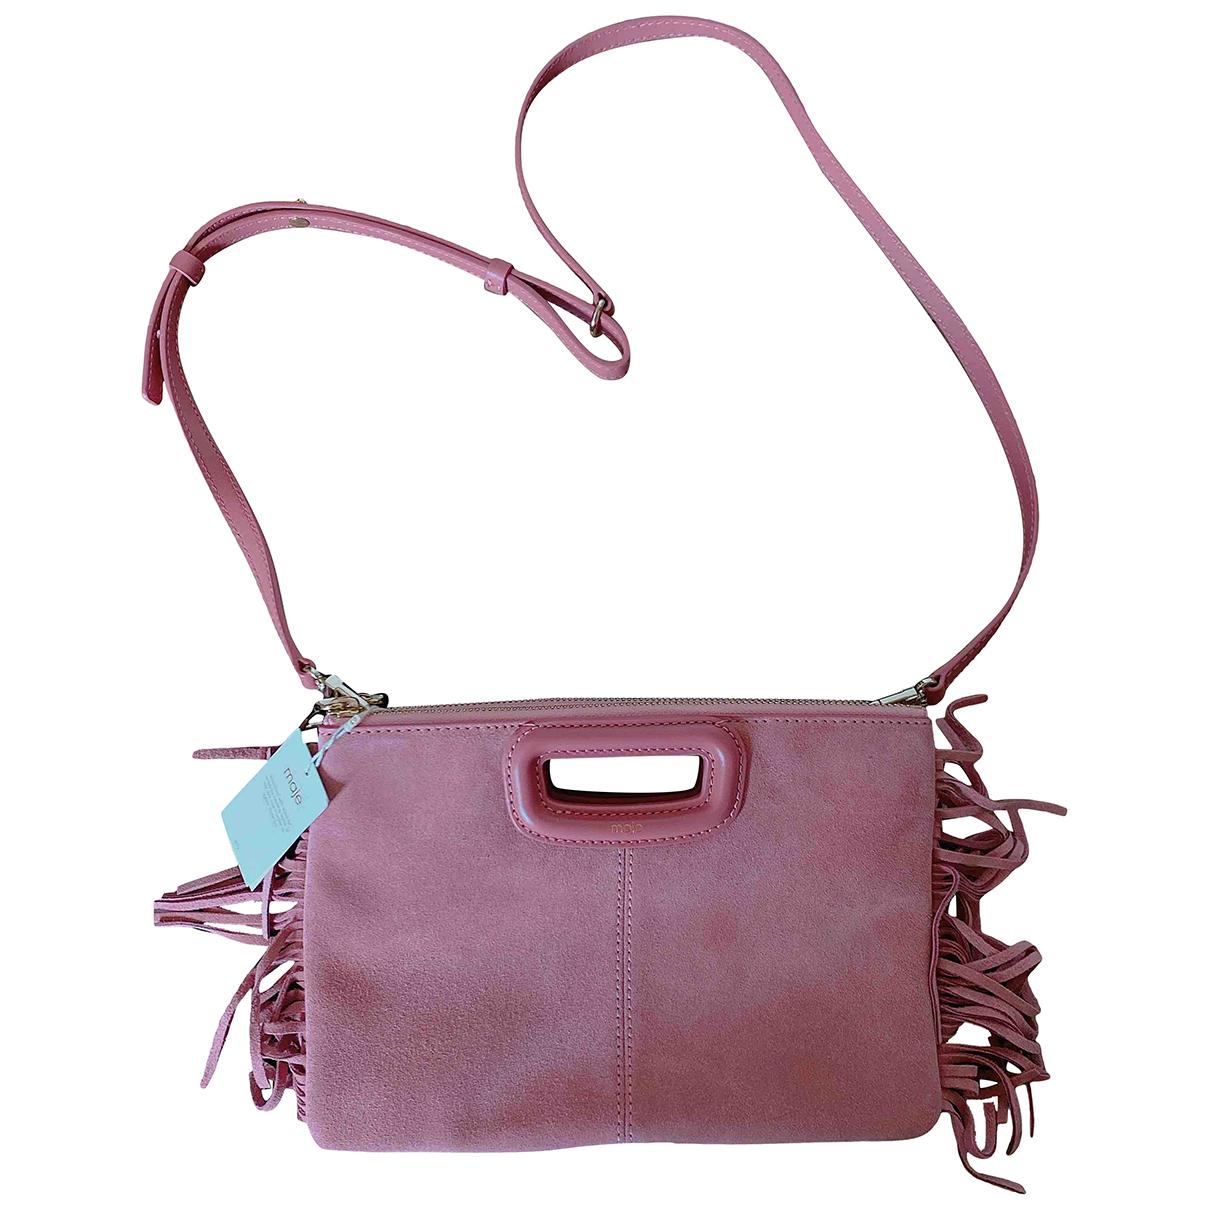 Maje Sac M Pink Suede handbag for Women \N